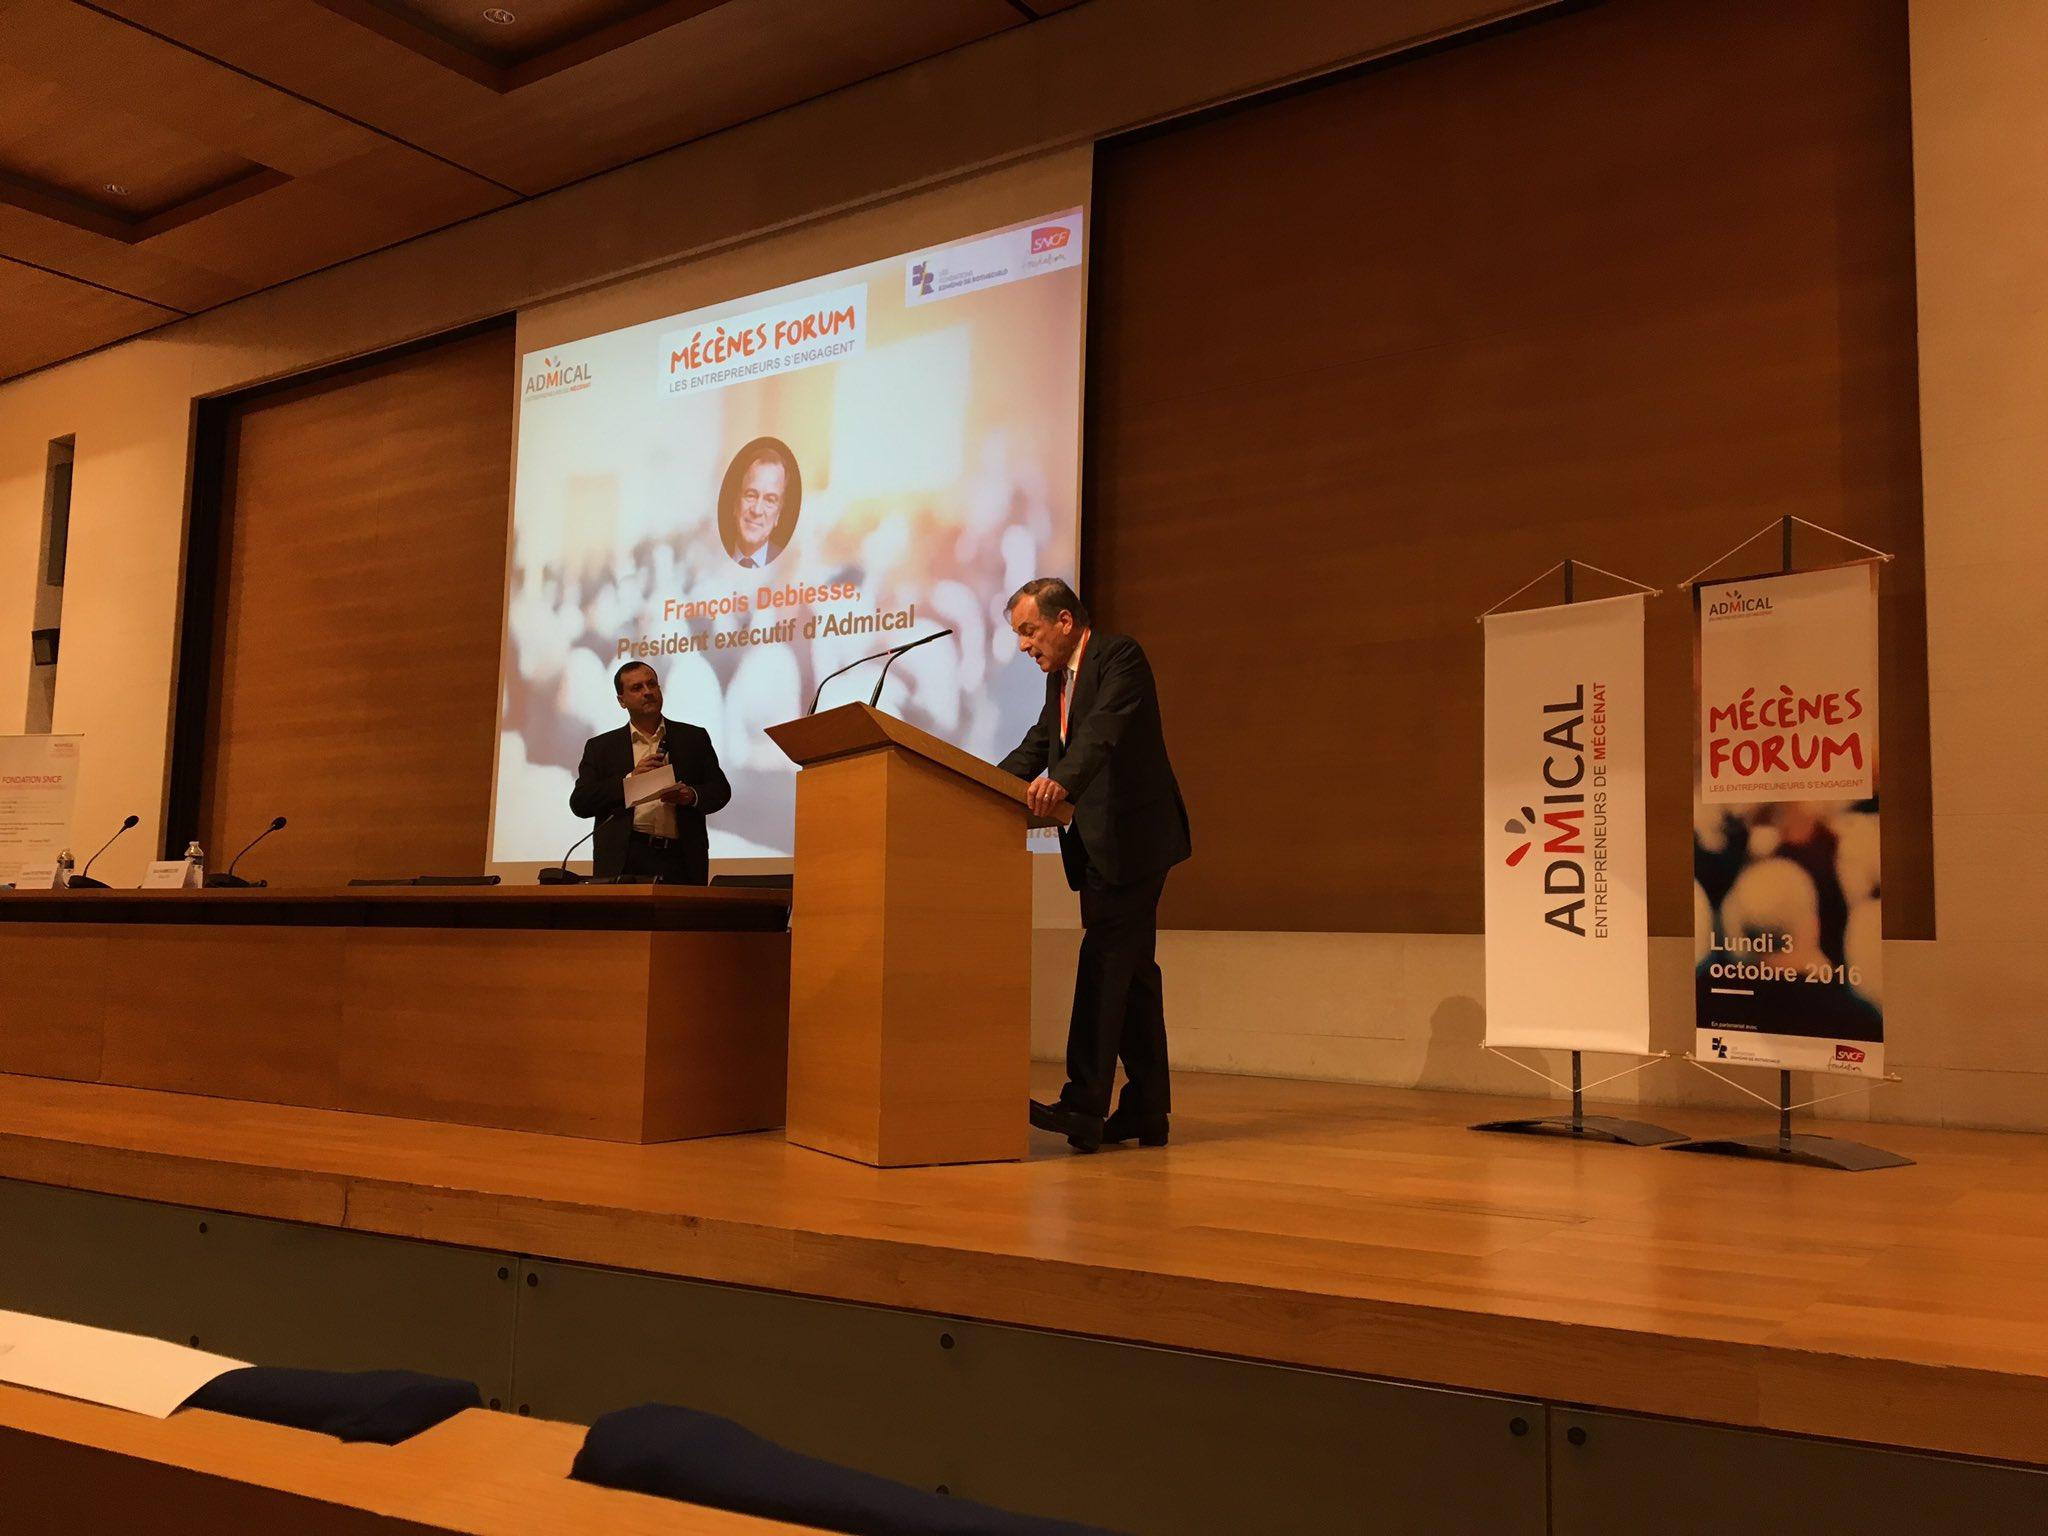 #MecenesForum démarrage des travaux de la journée ! https://t.co/c14HDYkT9A